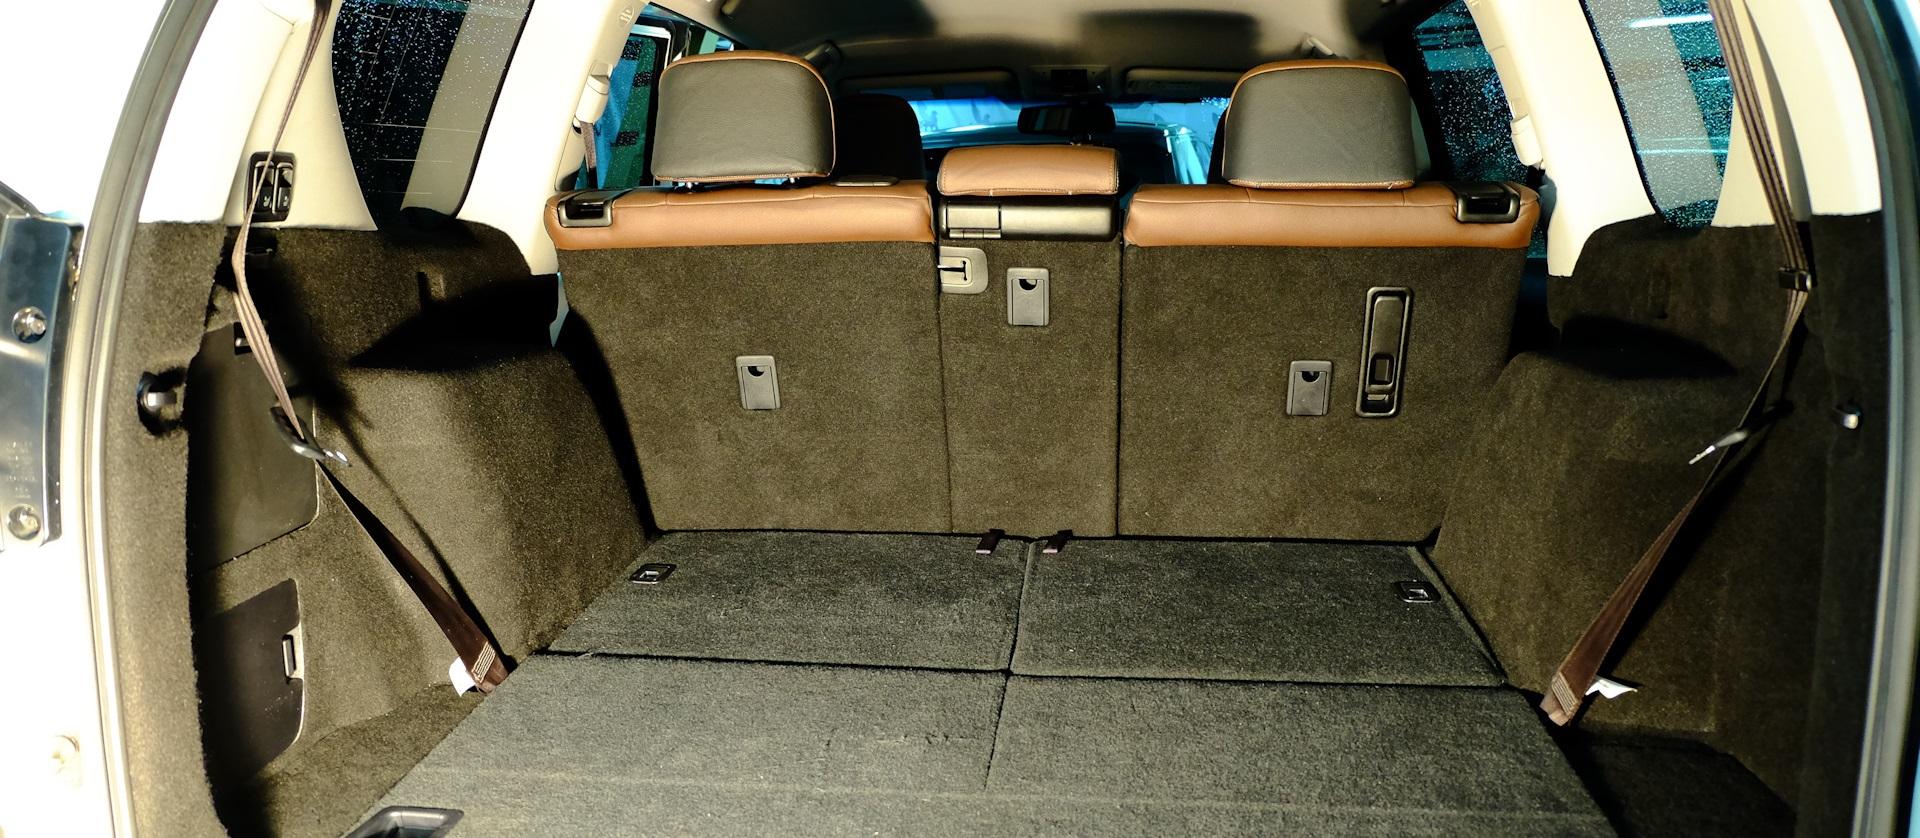 3 ряд сидений ЛК Прадо 150